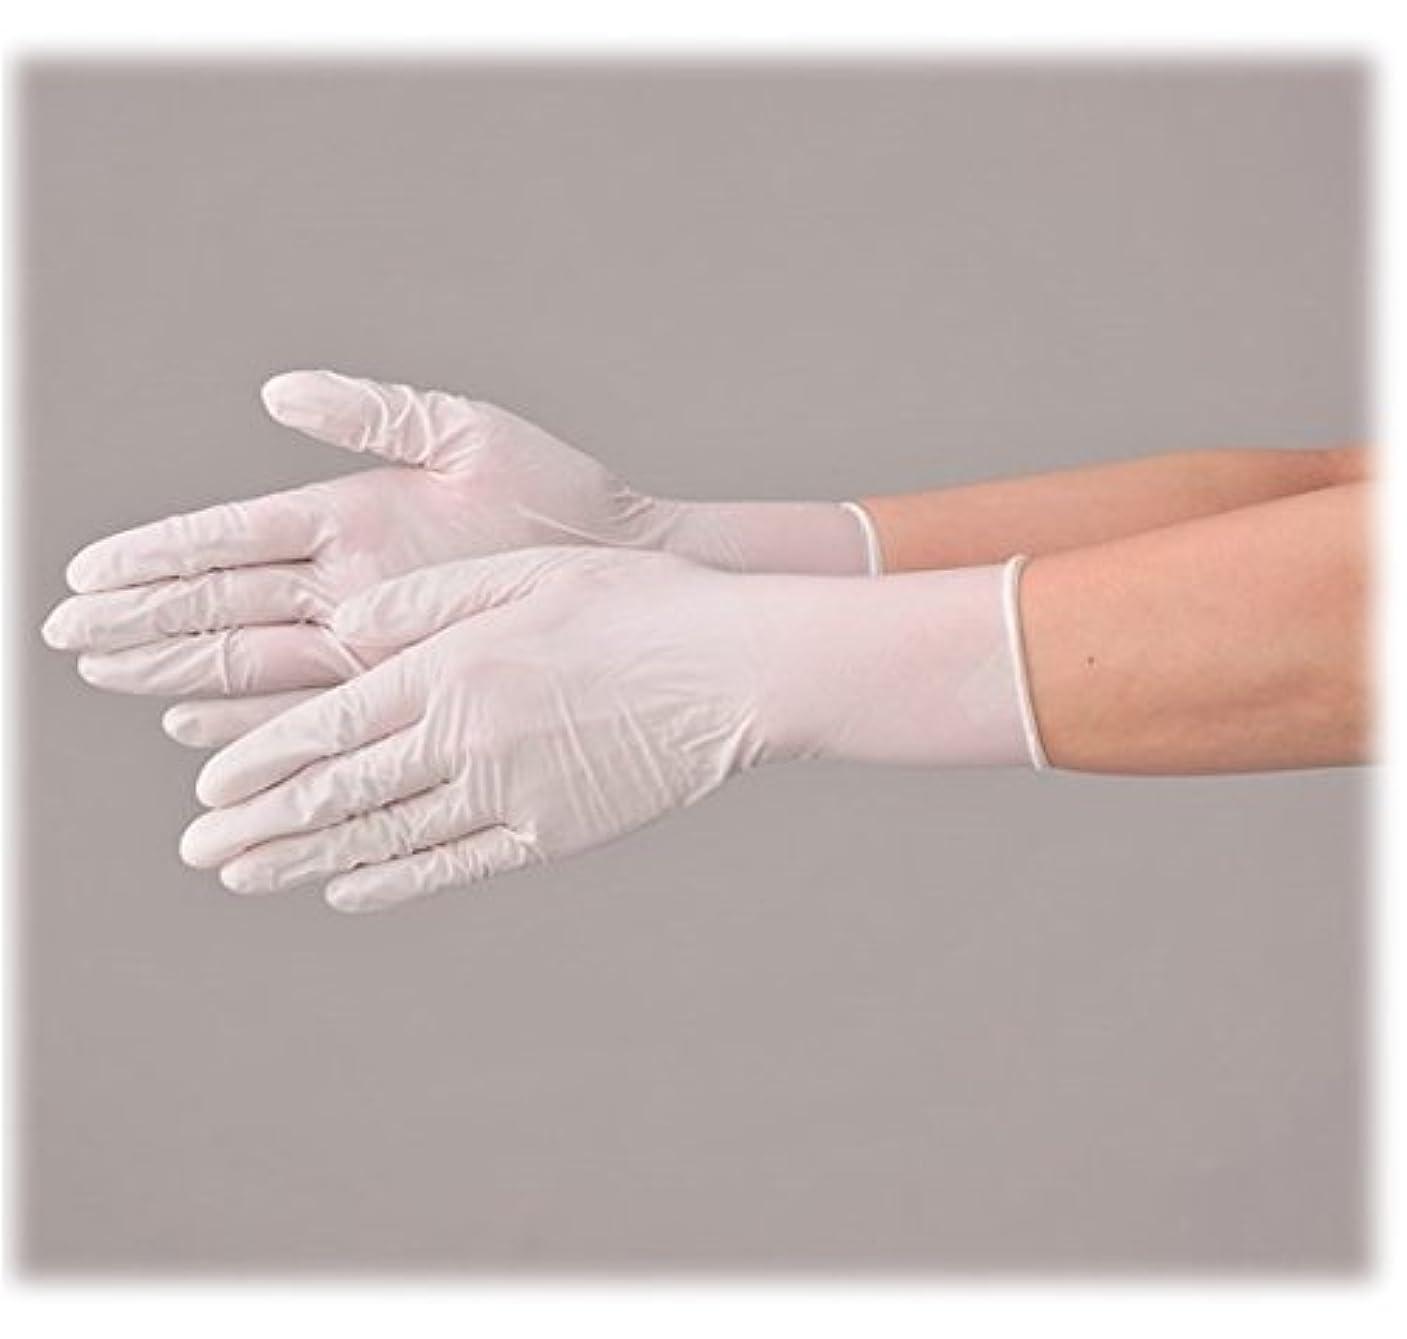 刺します仕立て屋クスクス使い捨て 手袋 エブノ 513 ニトリル極薄手袋 ホワイト Lサイズ 2ケース(100枚×40箱)